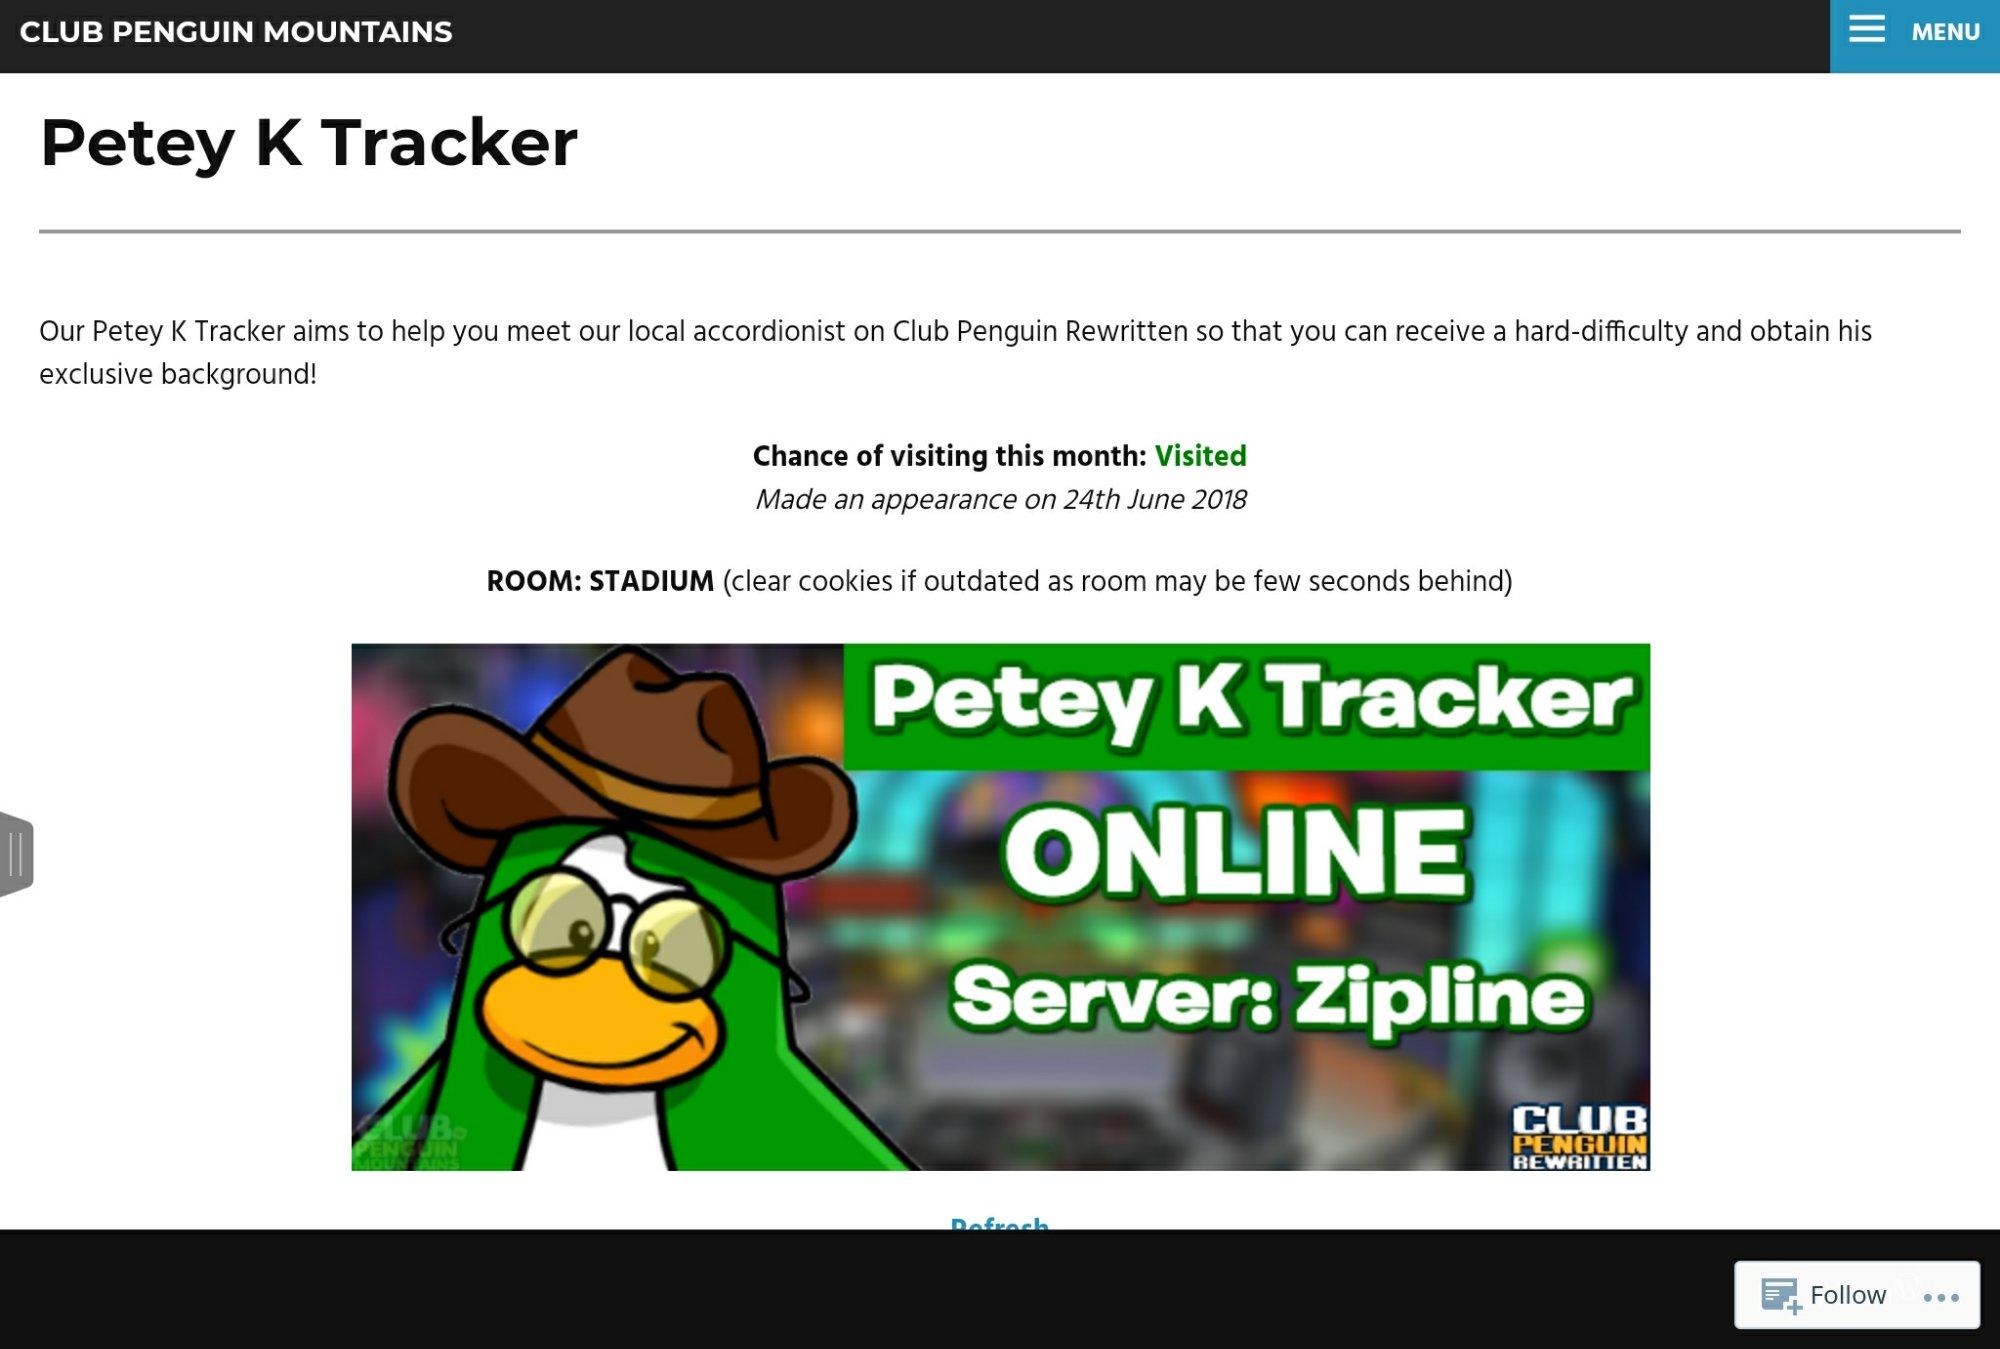 Ktracker